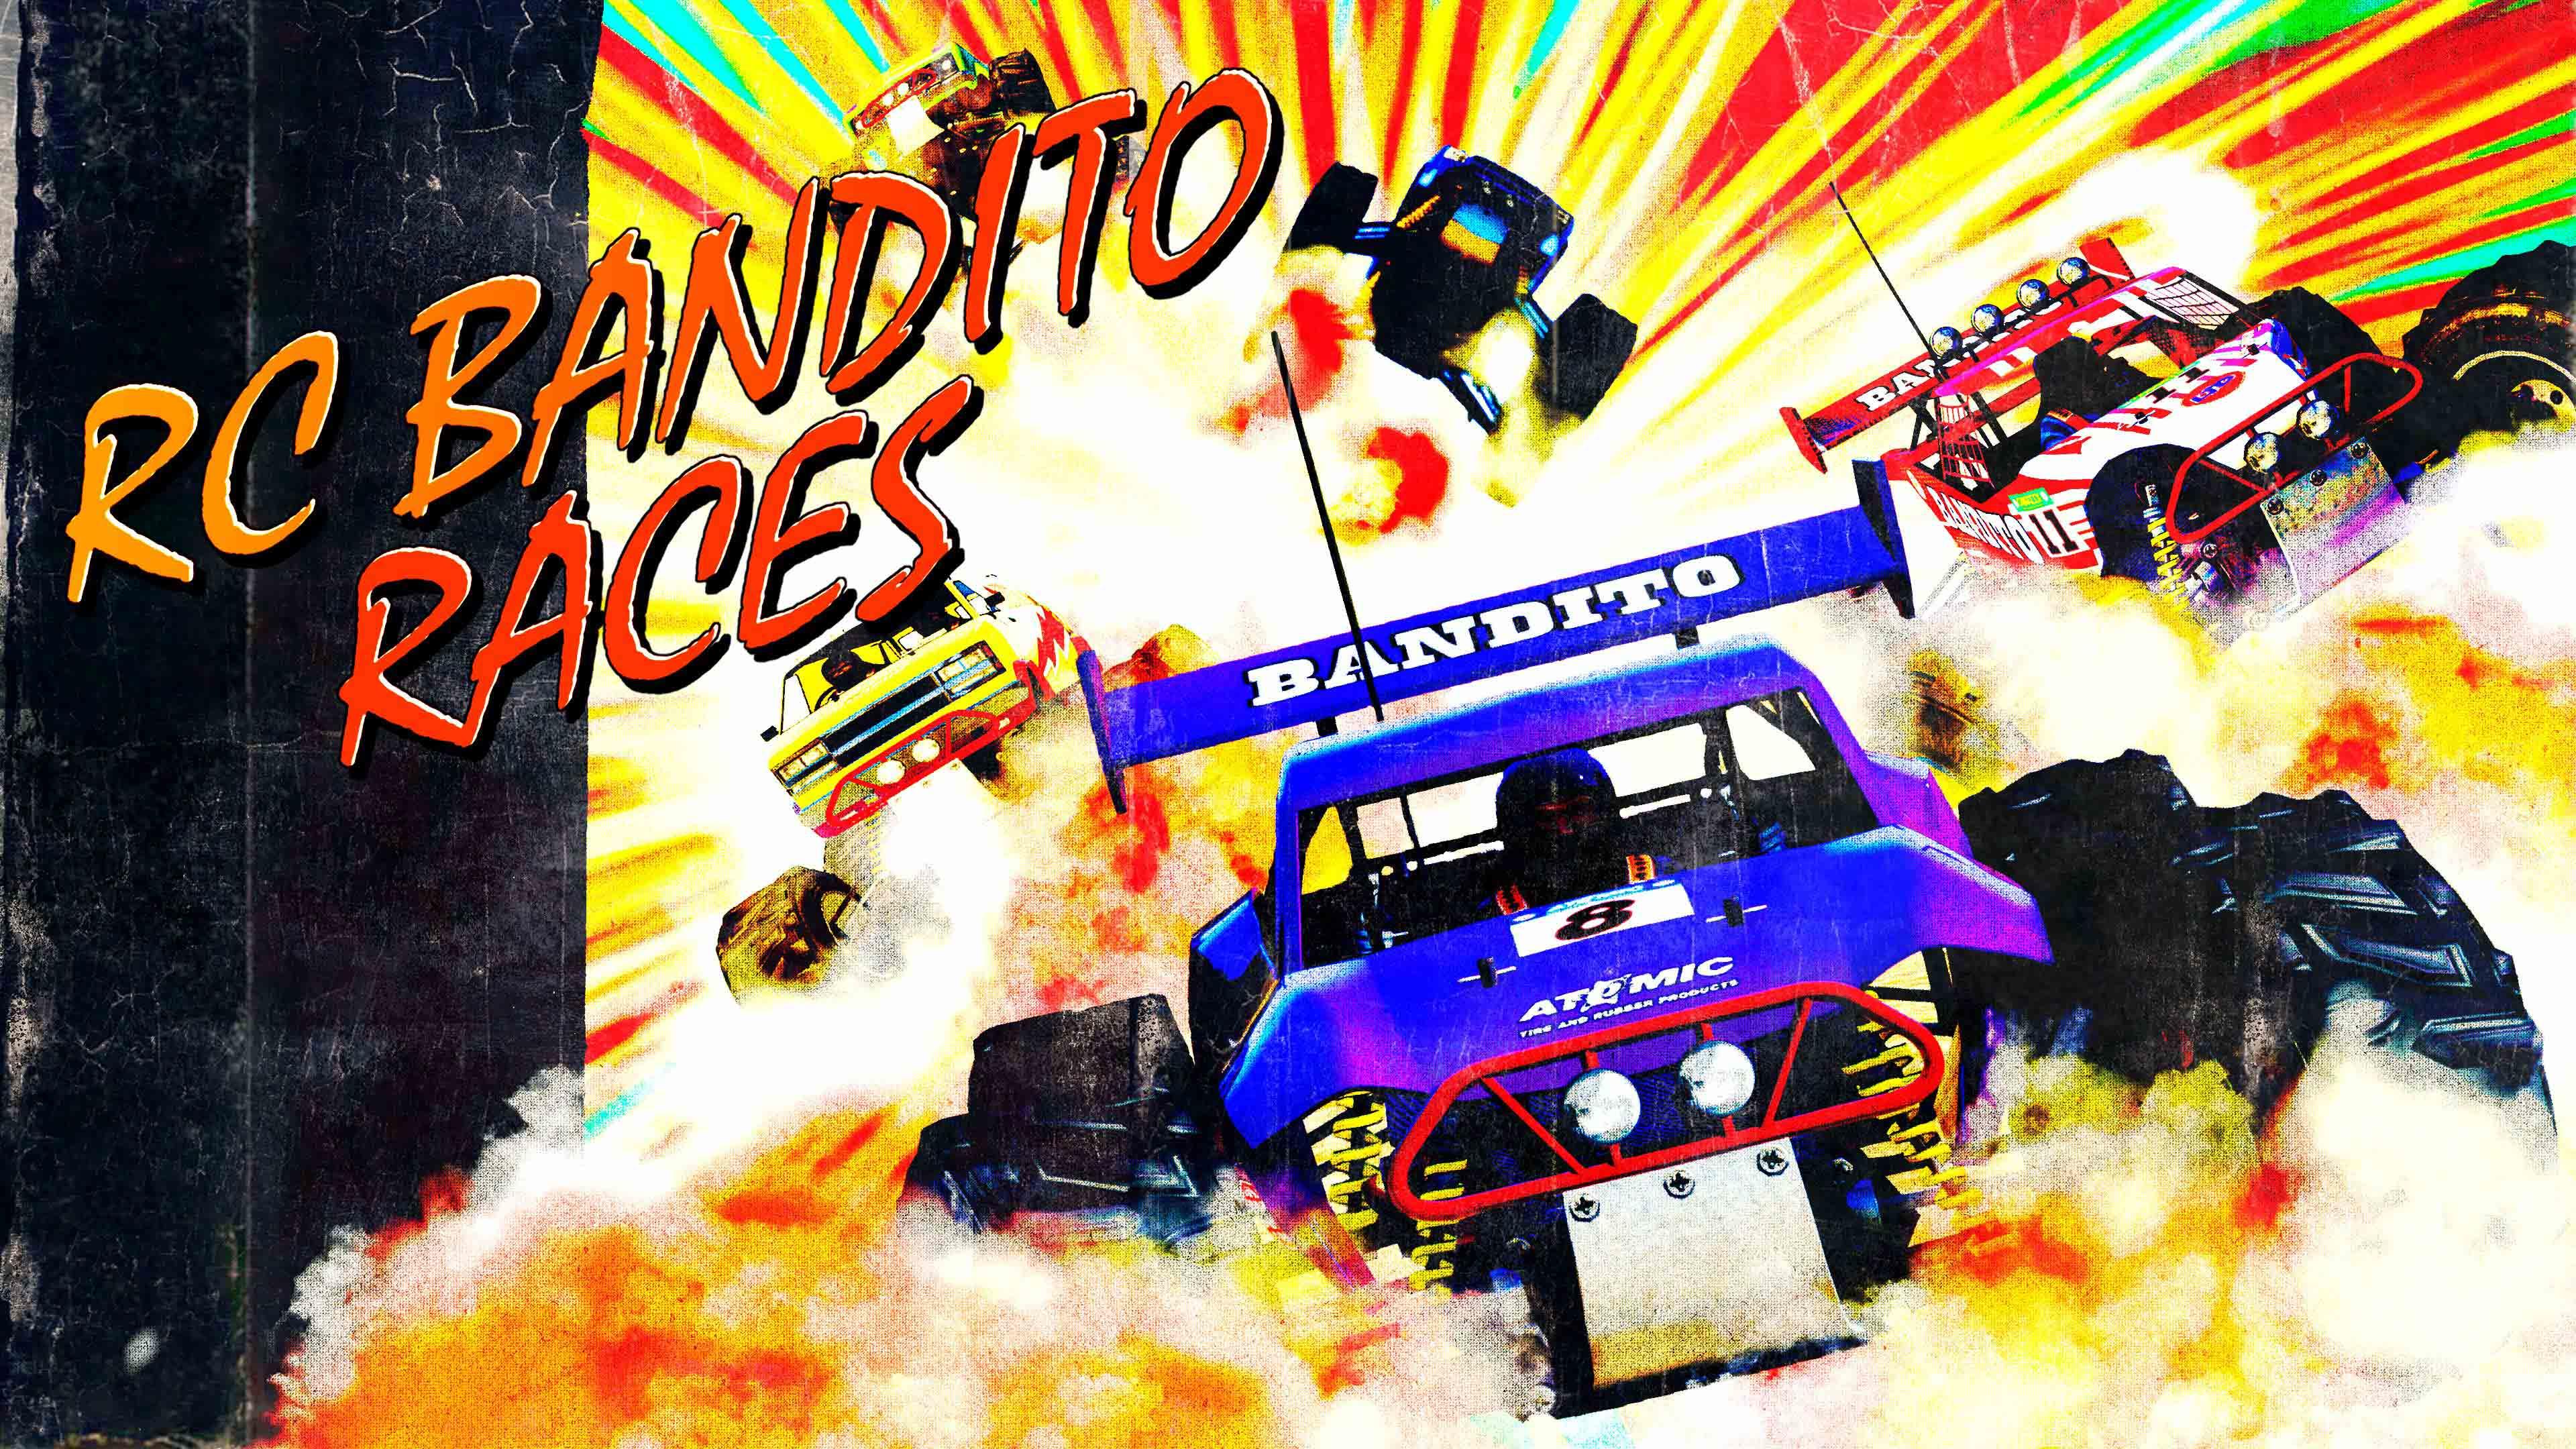 GTA Online Weekly Update: RC Bandito versenyek